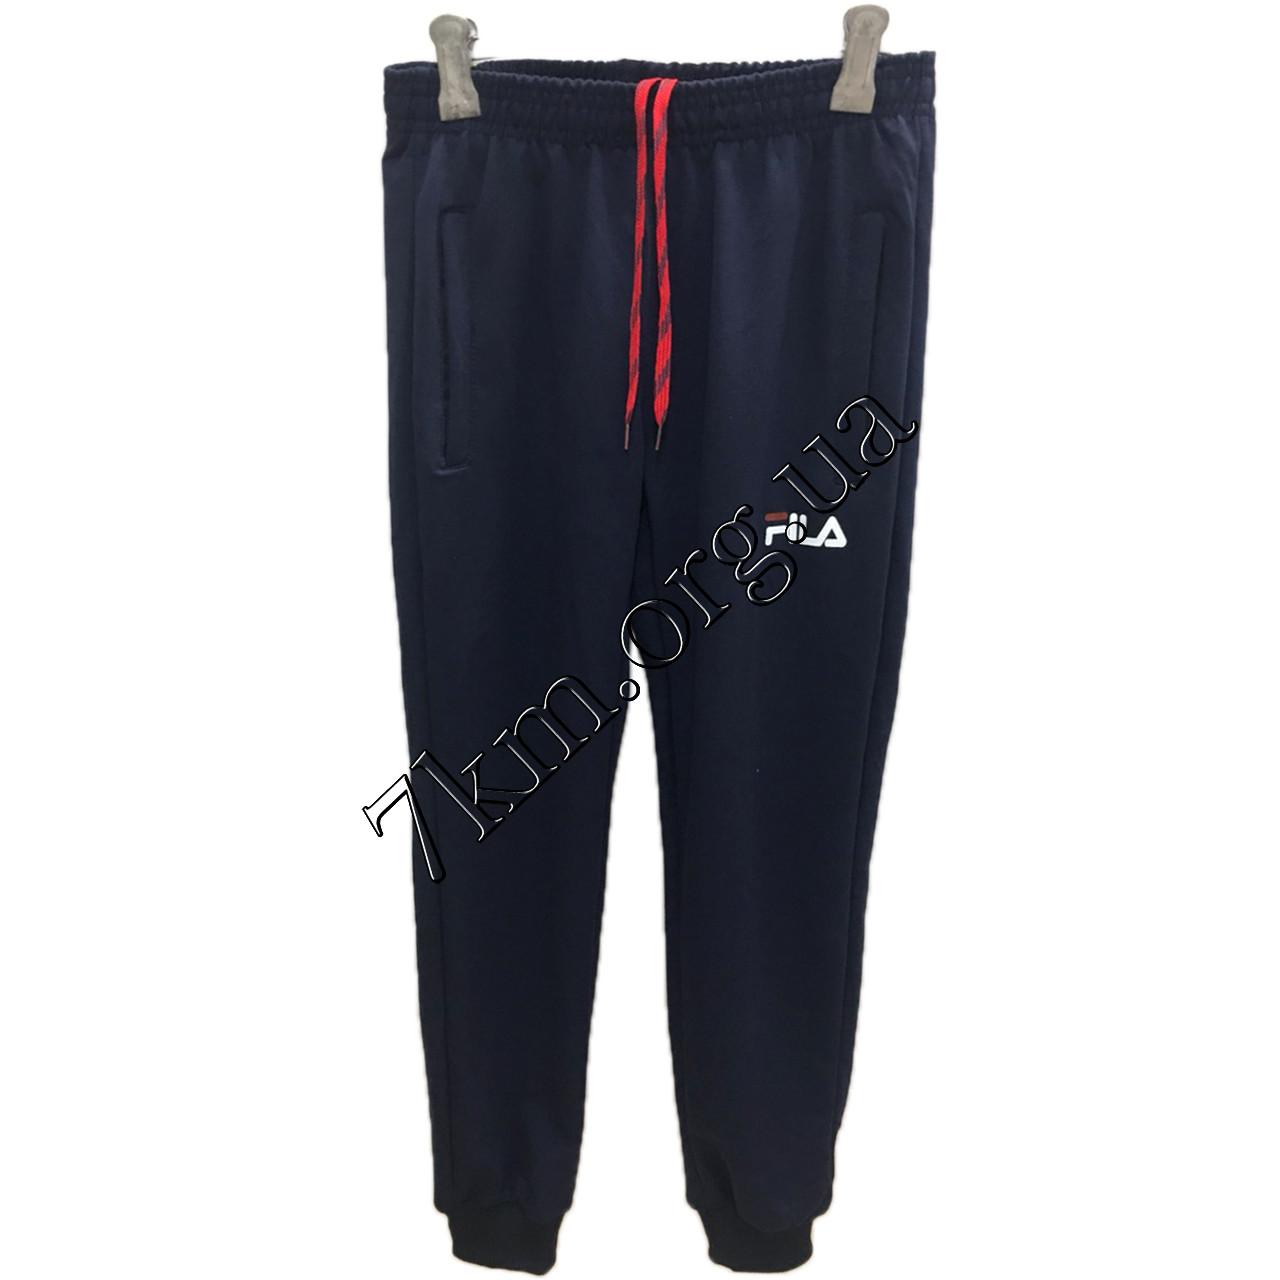 Спортивные штаны для мальчиков 8-13 лет Оптом 110701-1